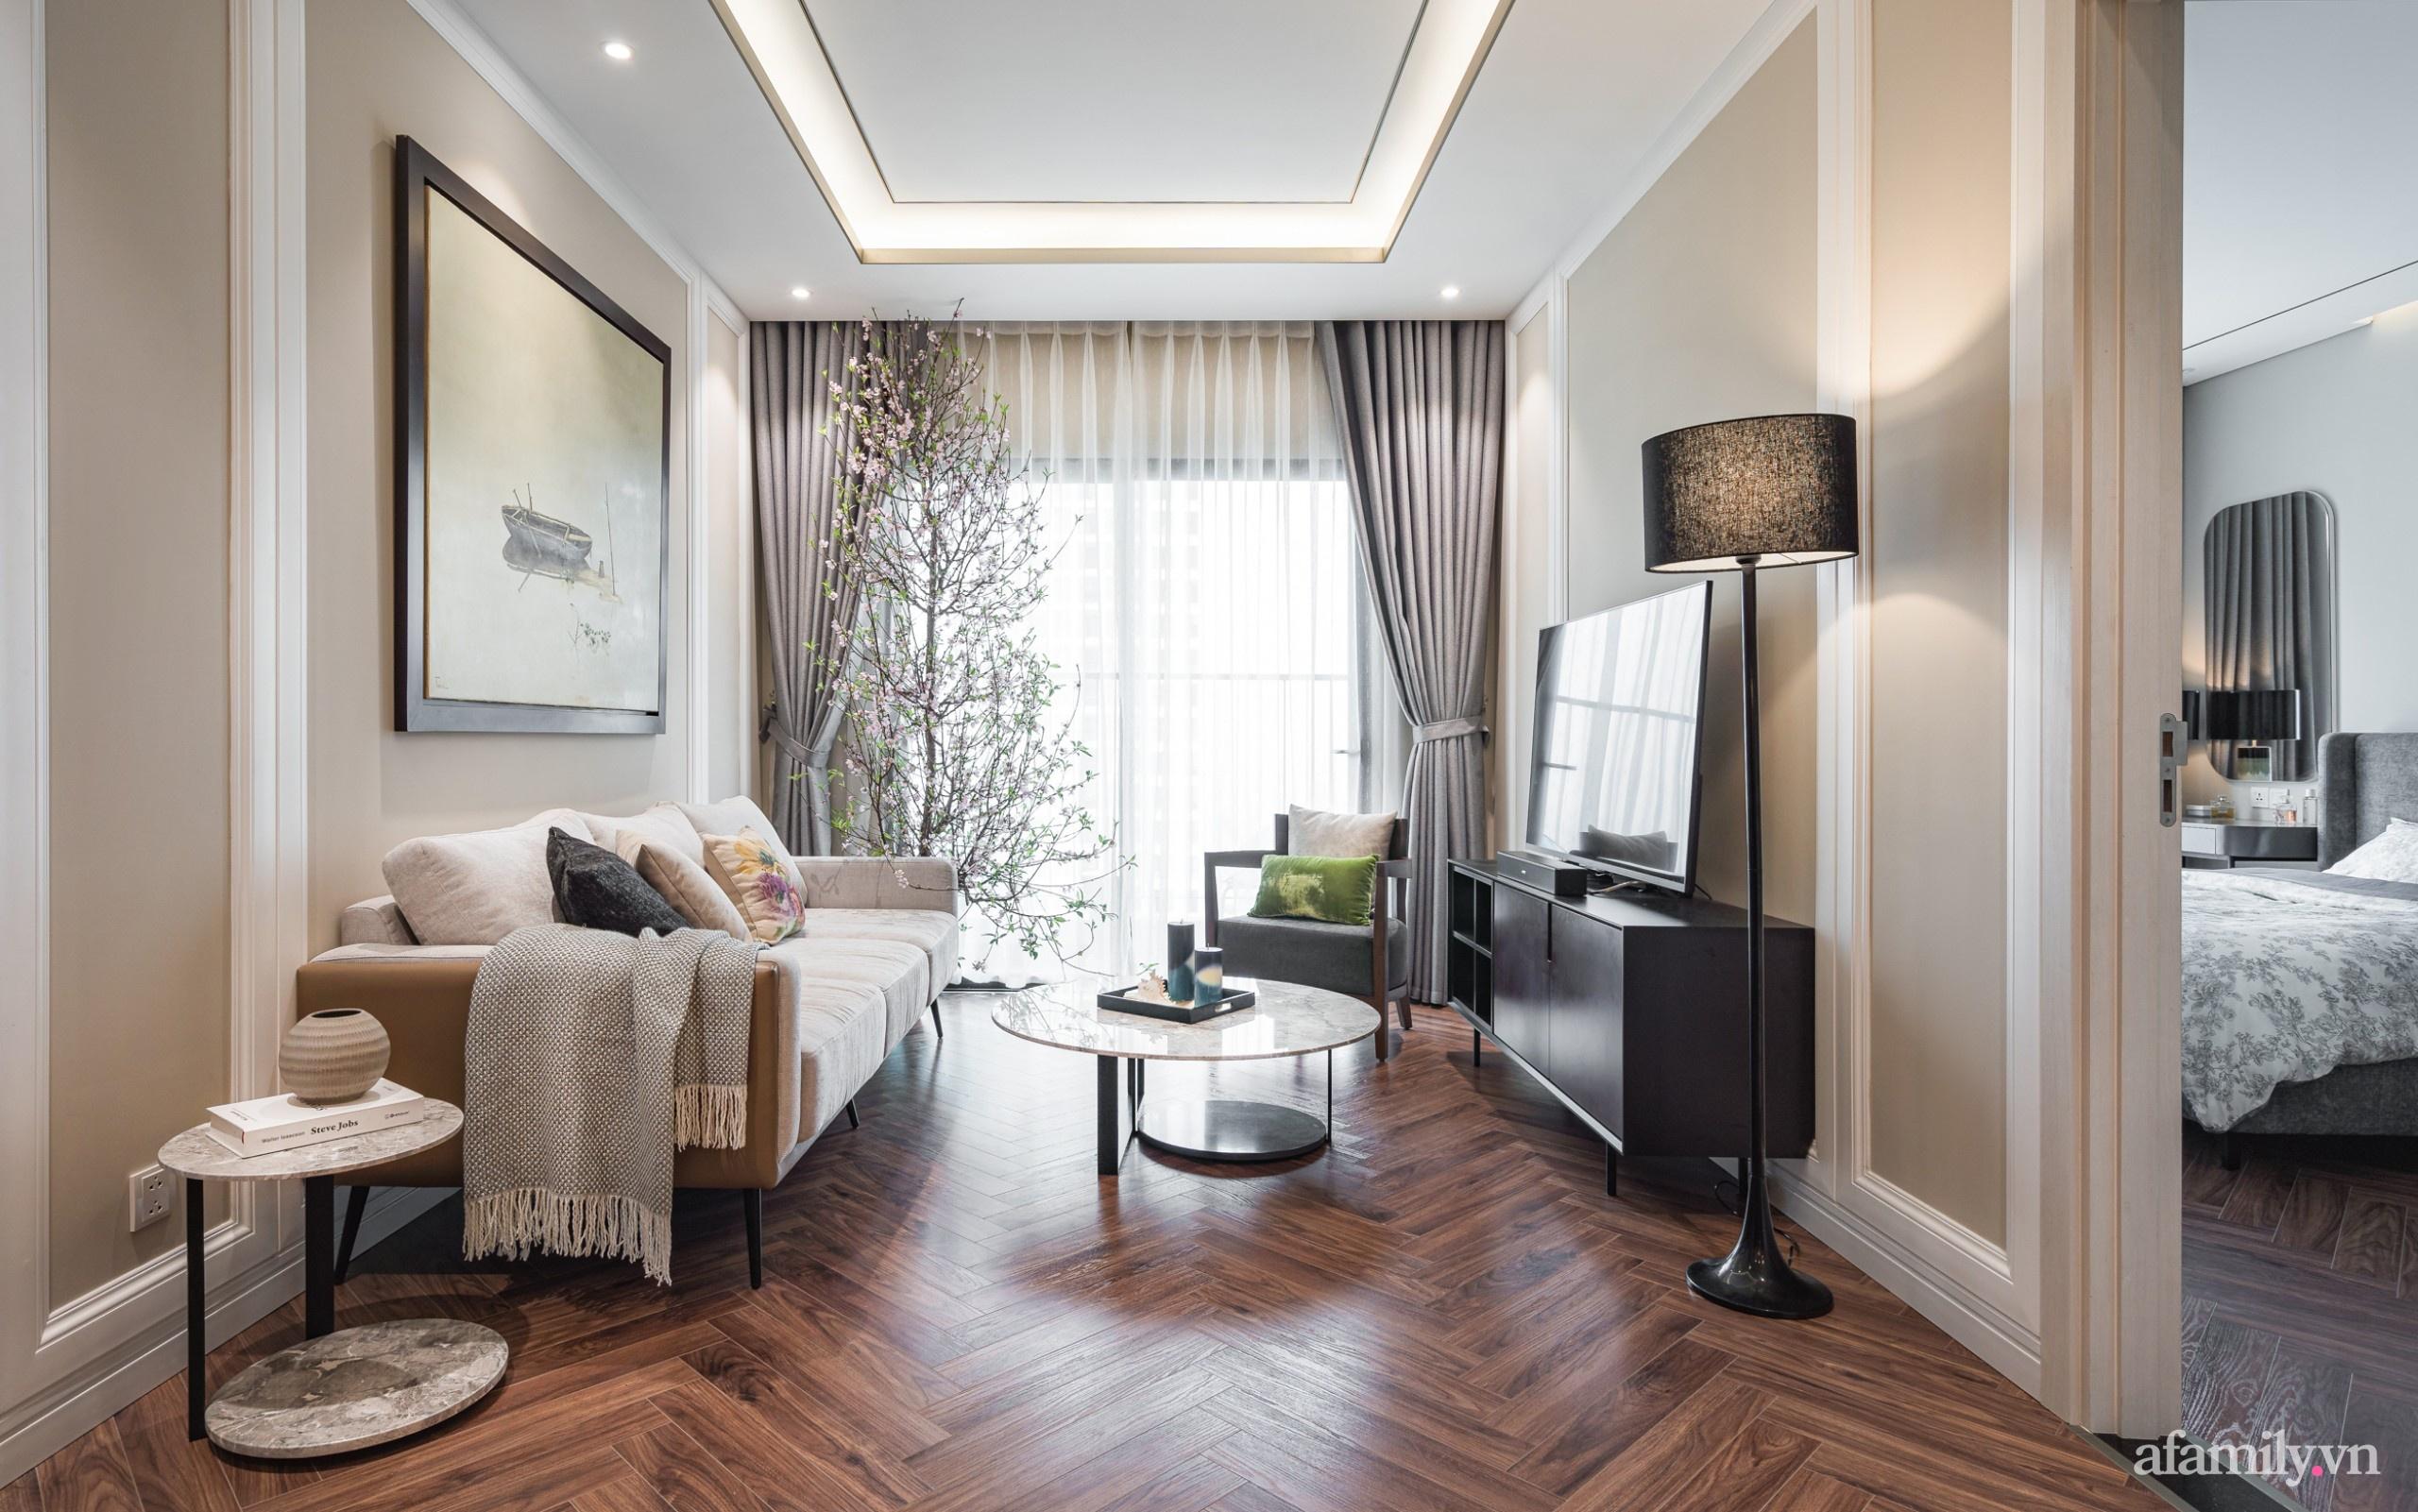 Căn hộ 110m² đẹp sang trọng và đẳng cấp đến từng chi tiết ở Nguyễn Trãi, Hà Nội - Ảnh 1.